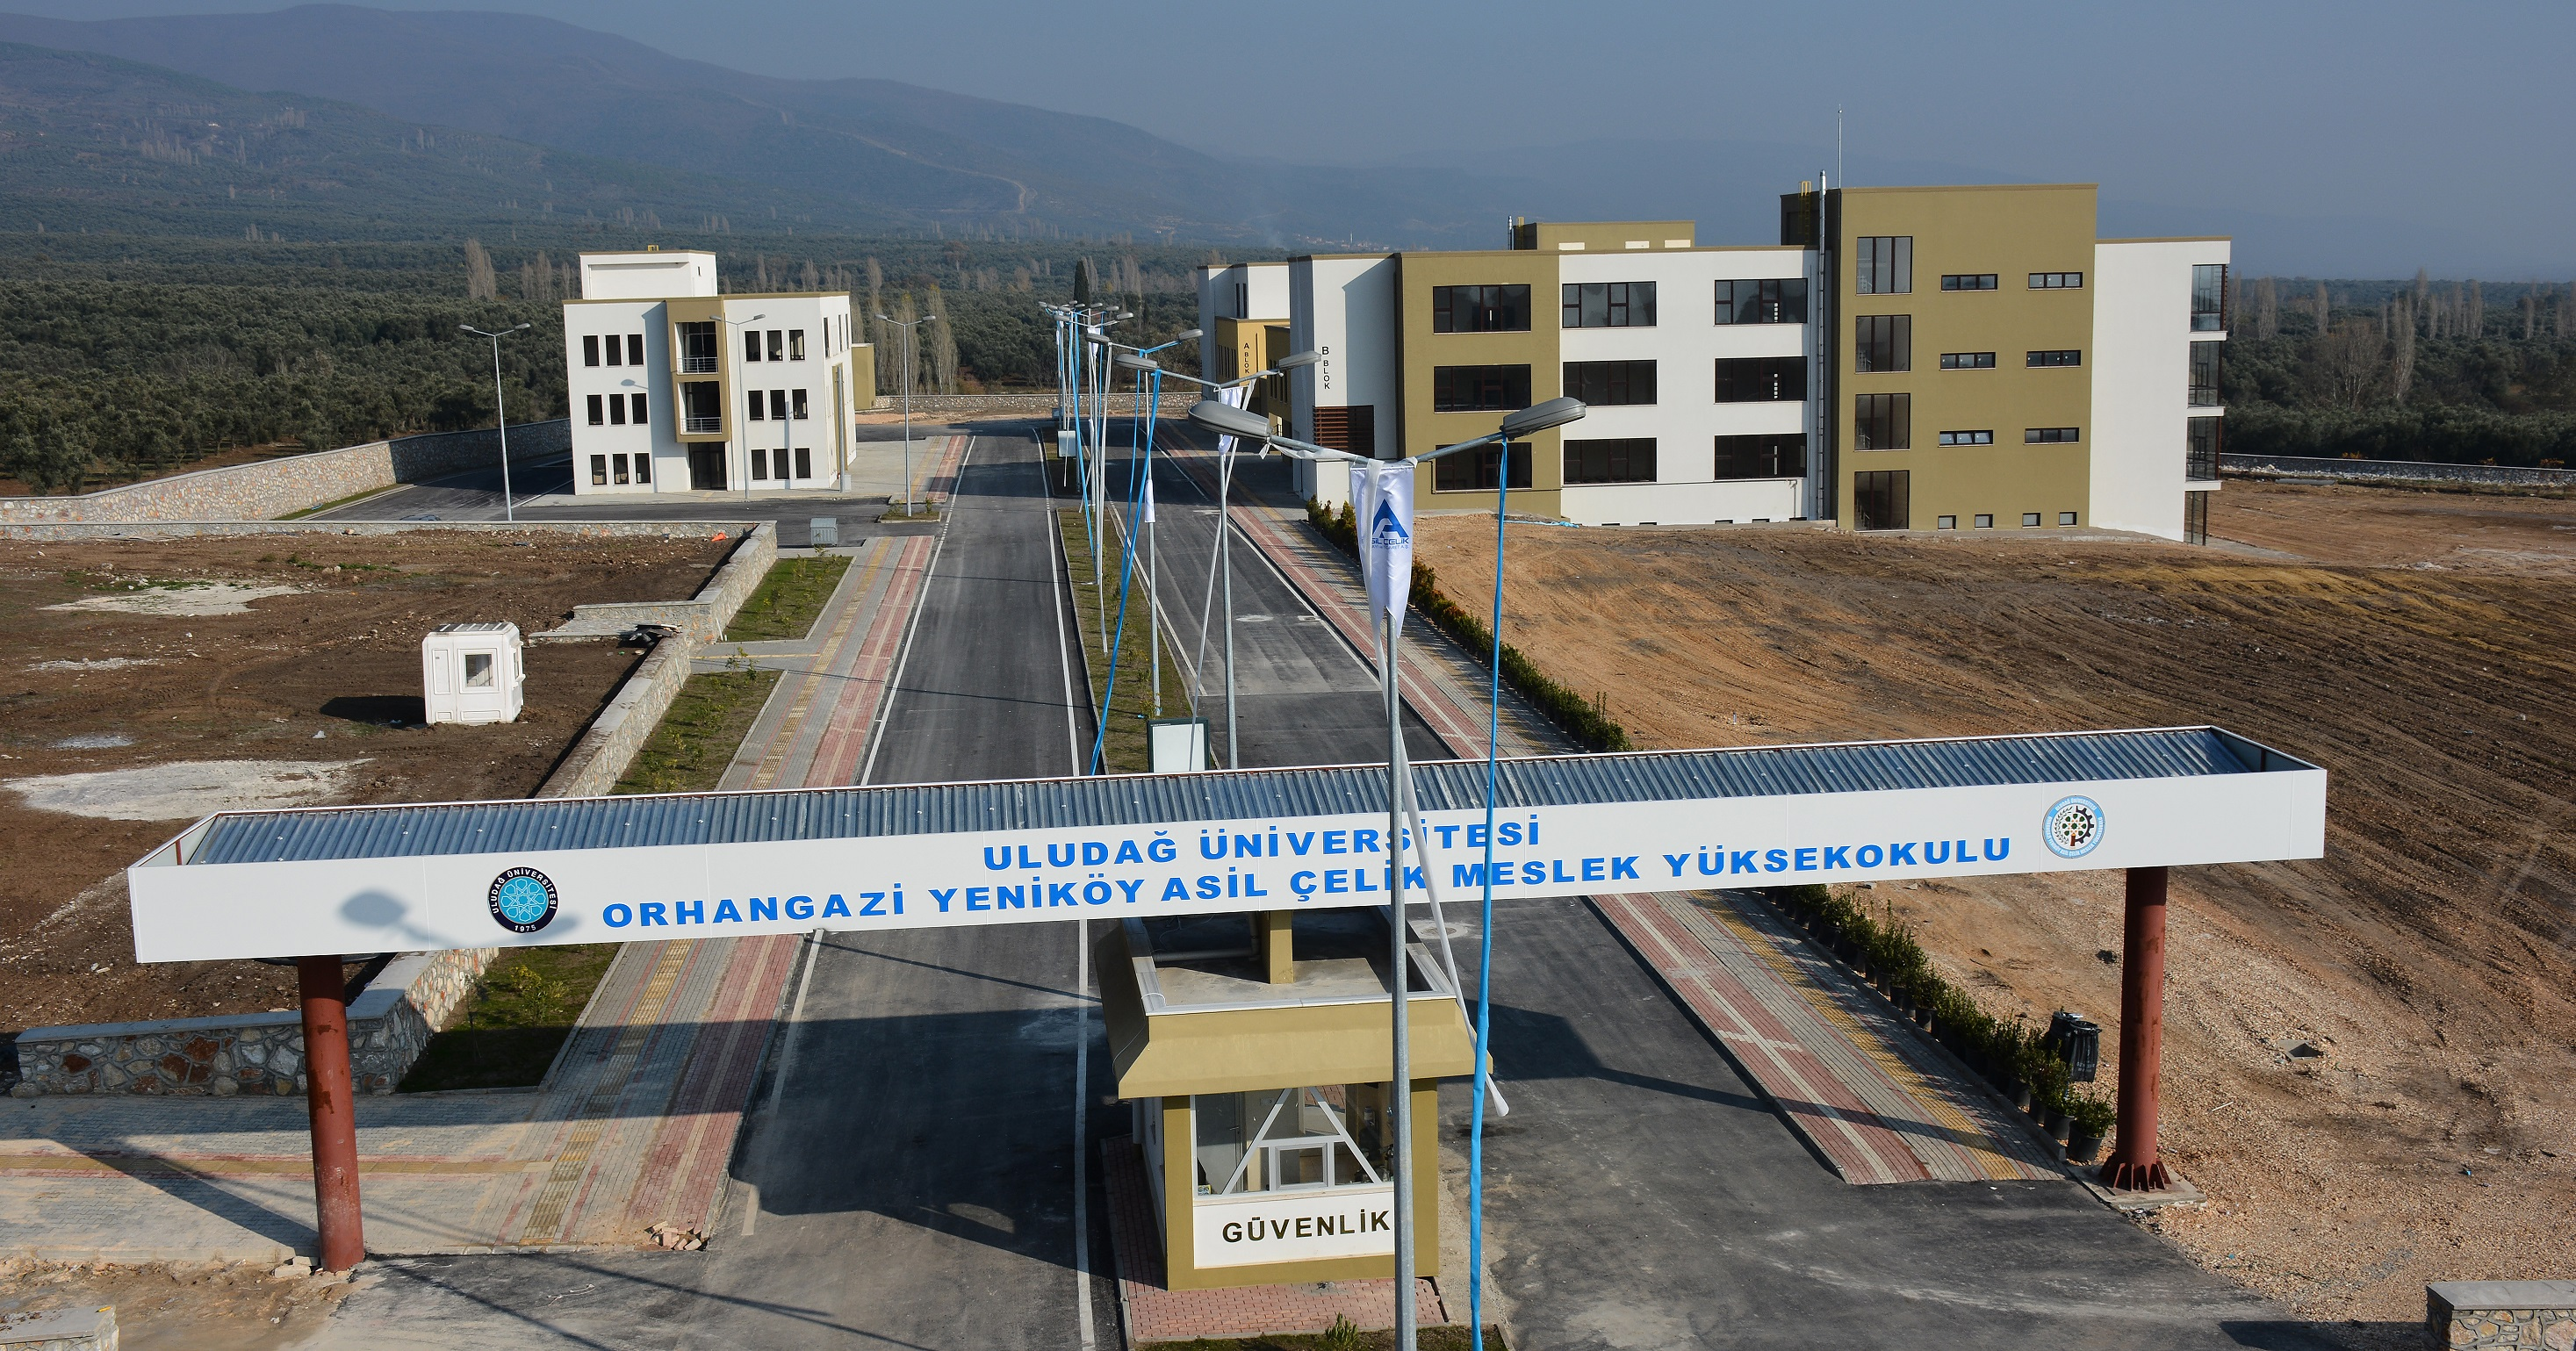 Uludağ Üniversitesi Orhangazi Yeniköy  Asil Çelik Meslek Yüksek Okulu Açıldı